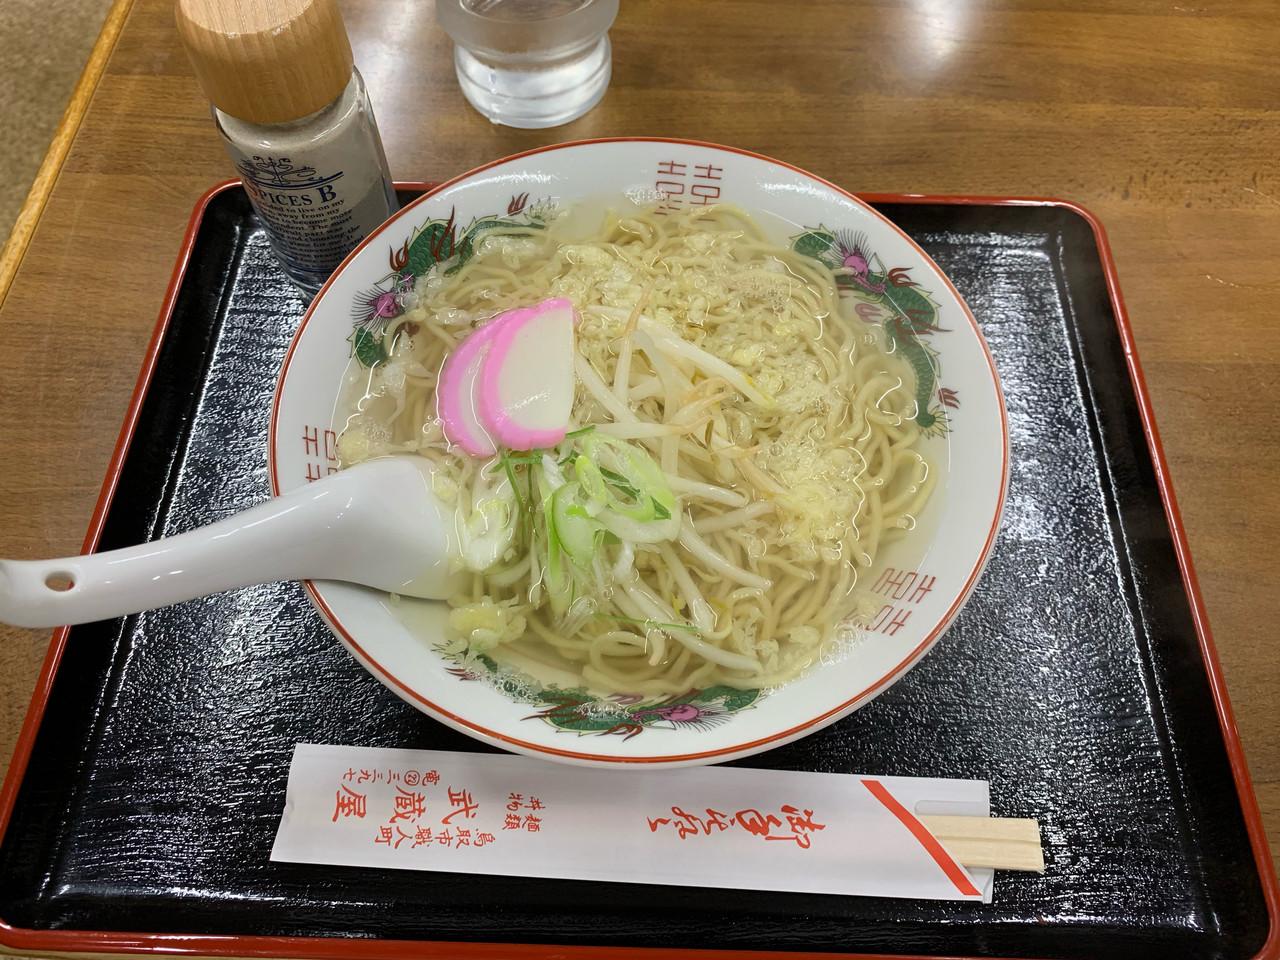 武蔵屋食堂 image